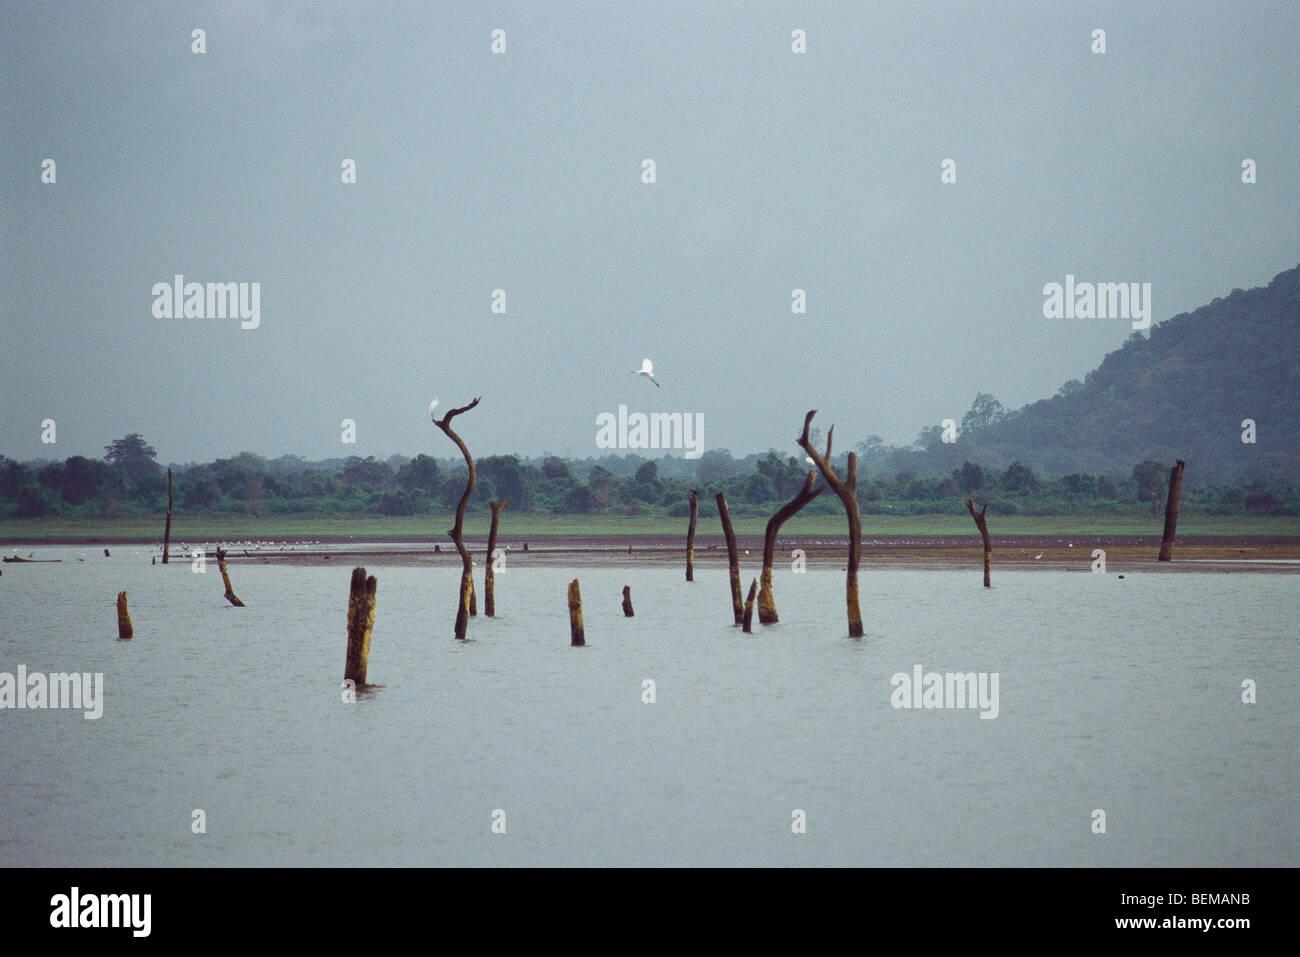 Landschaft mit toten Bäumen stehend in See und Reiher, Sri Lanka Stockbild